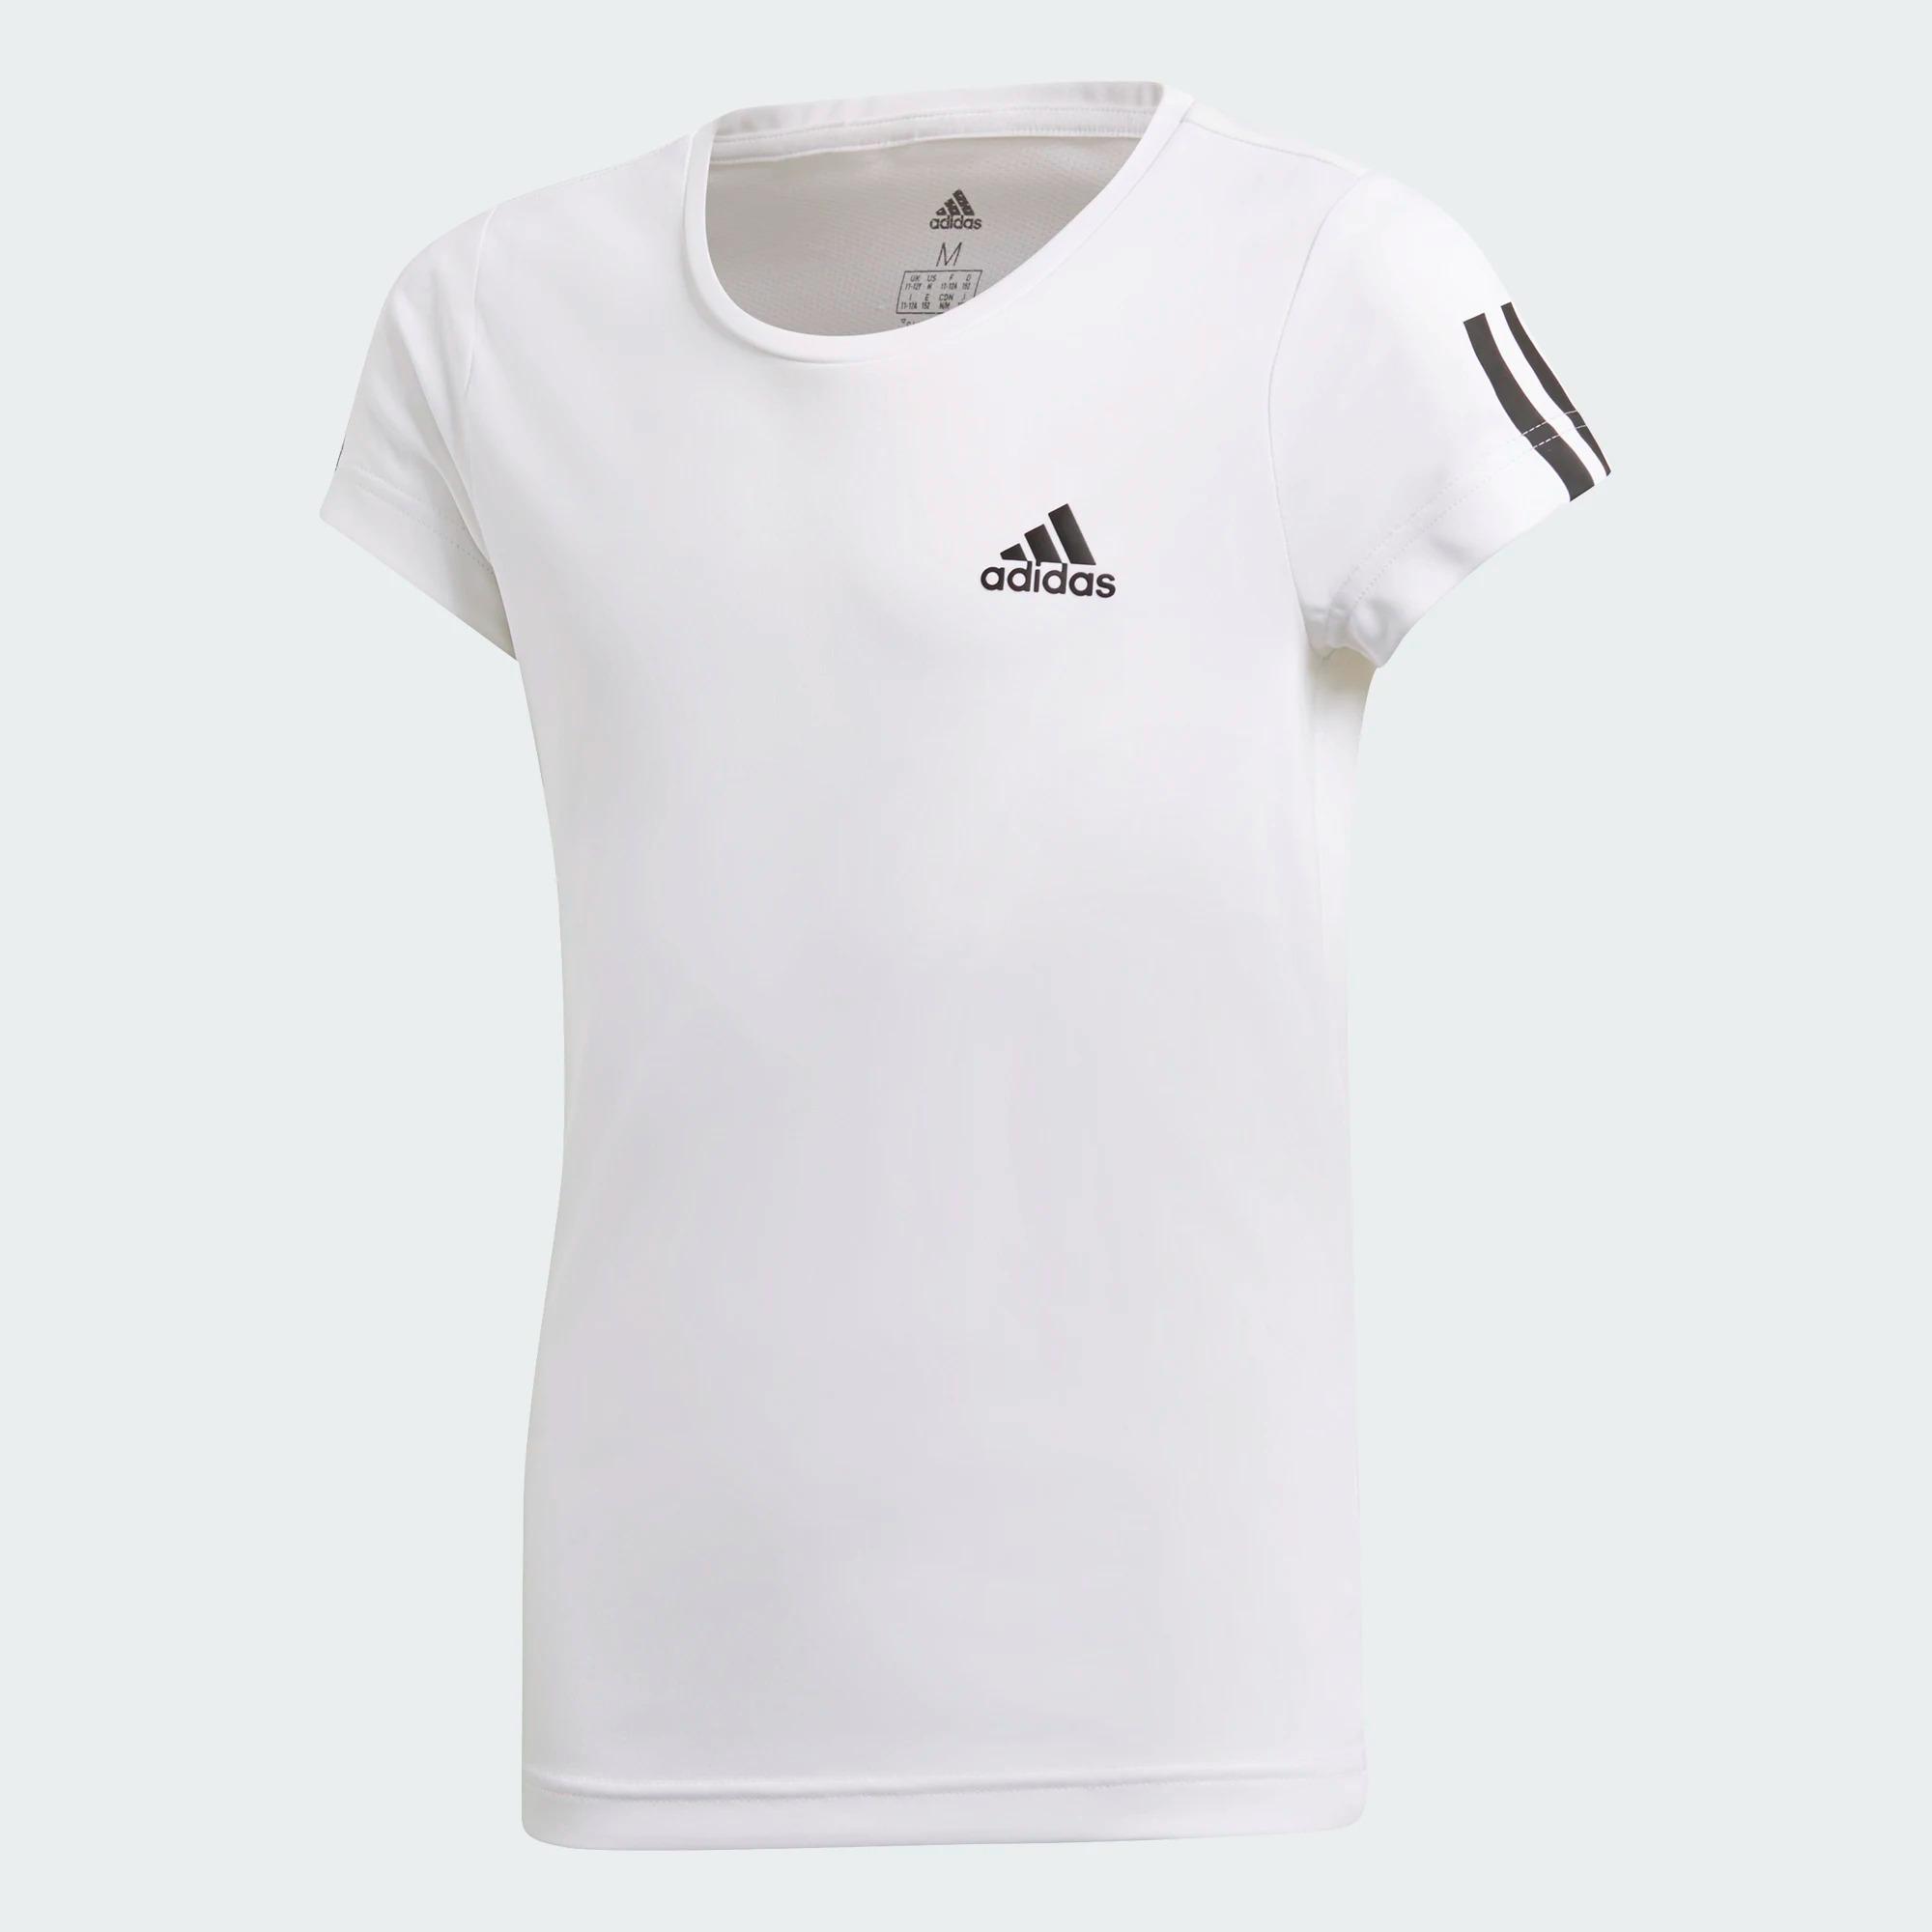 Adidas Equipment T-Shirt für Mädchen